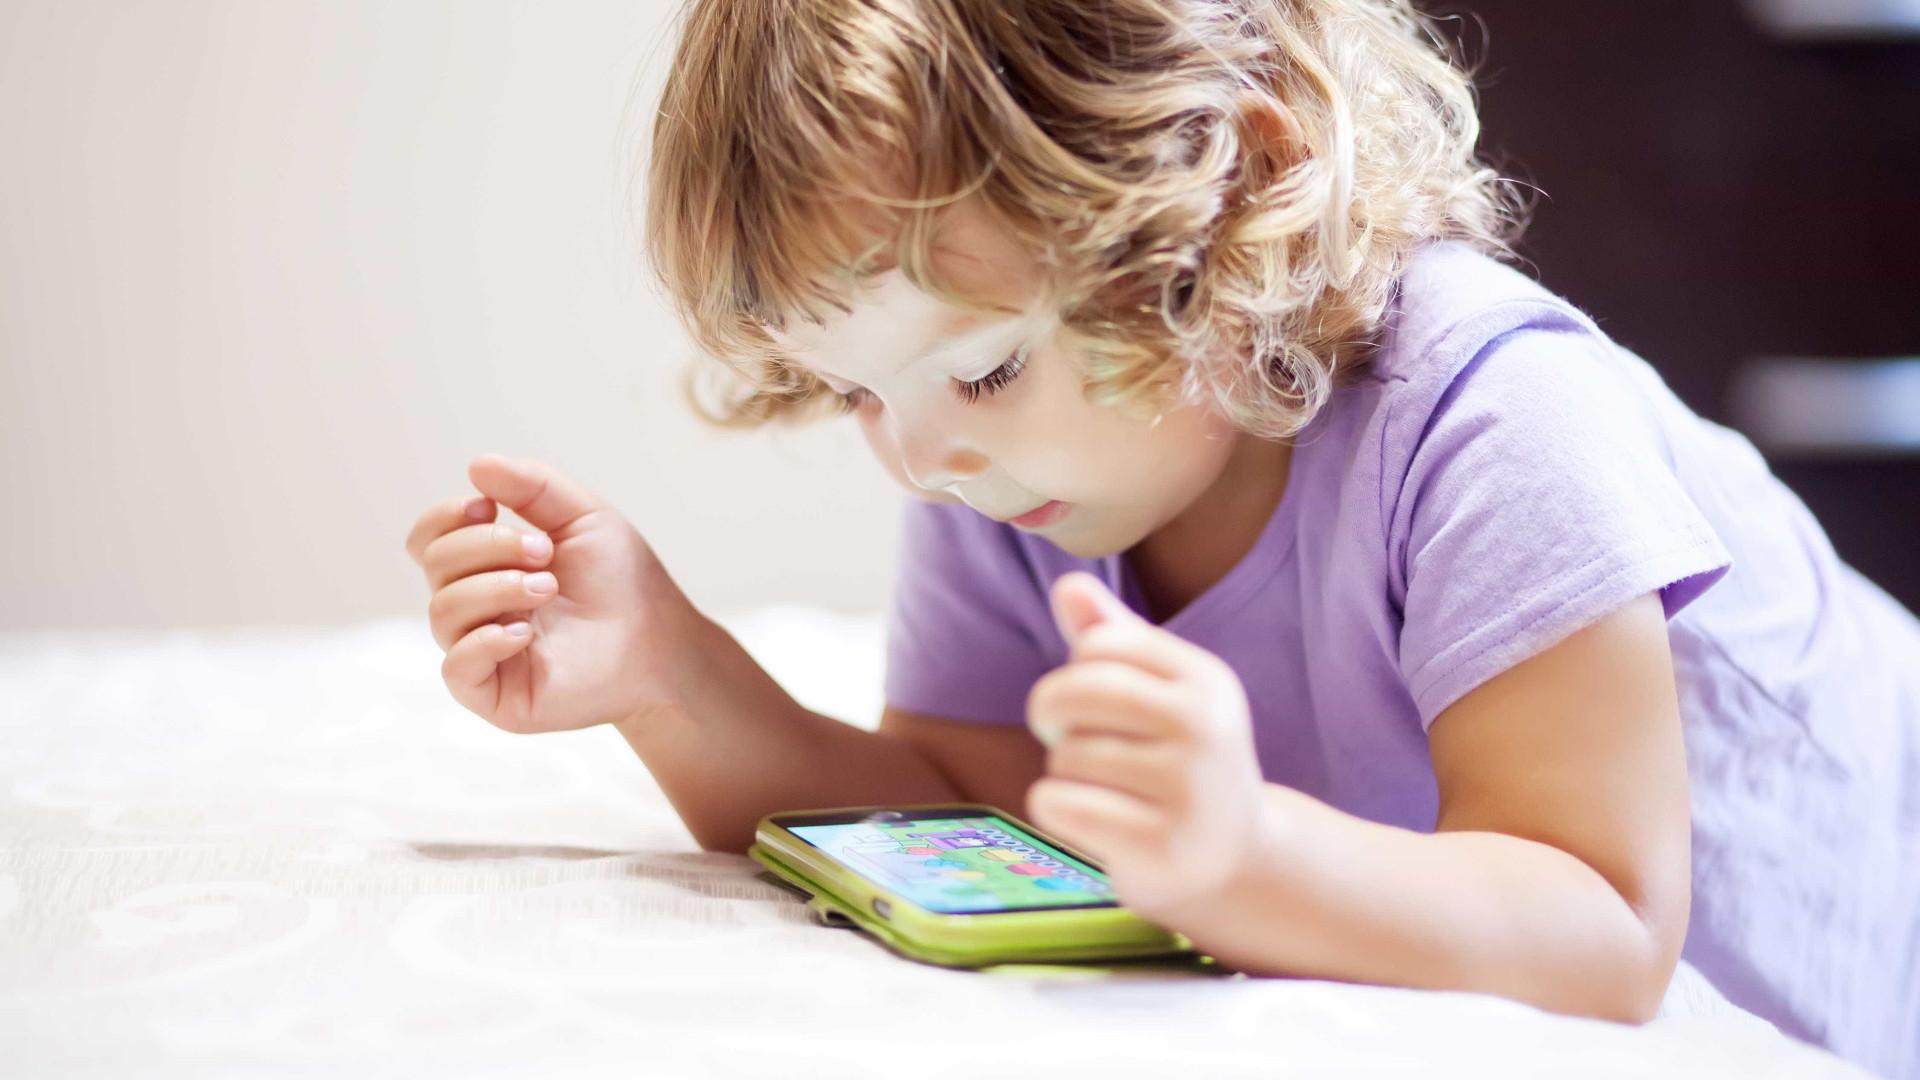 Brasileiros estão preocupados com privacidade dos dados dos filhos